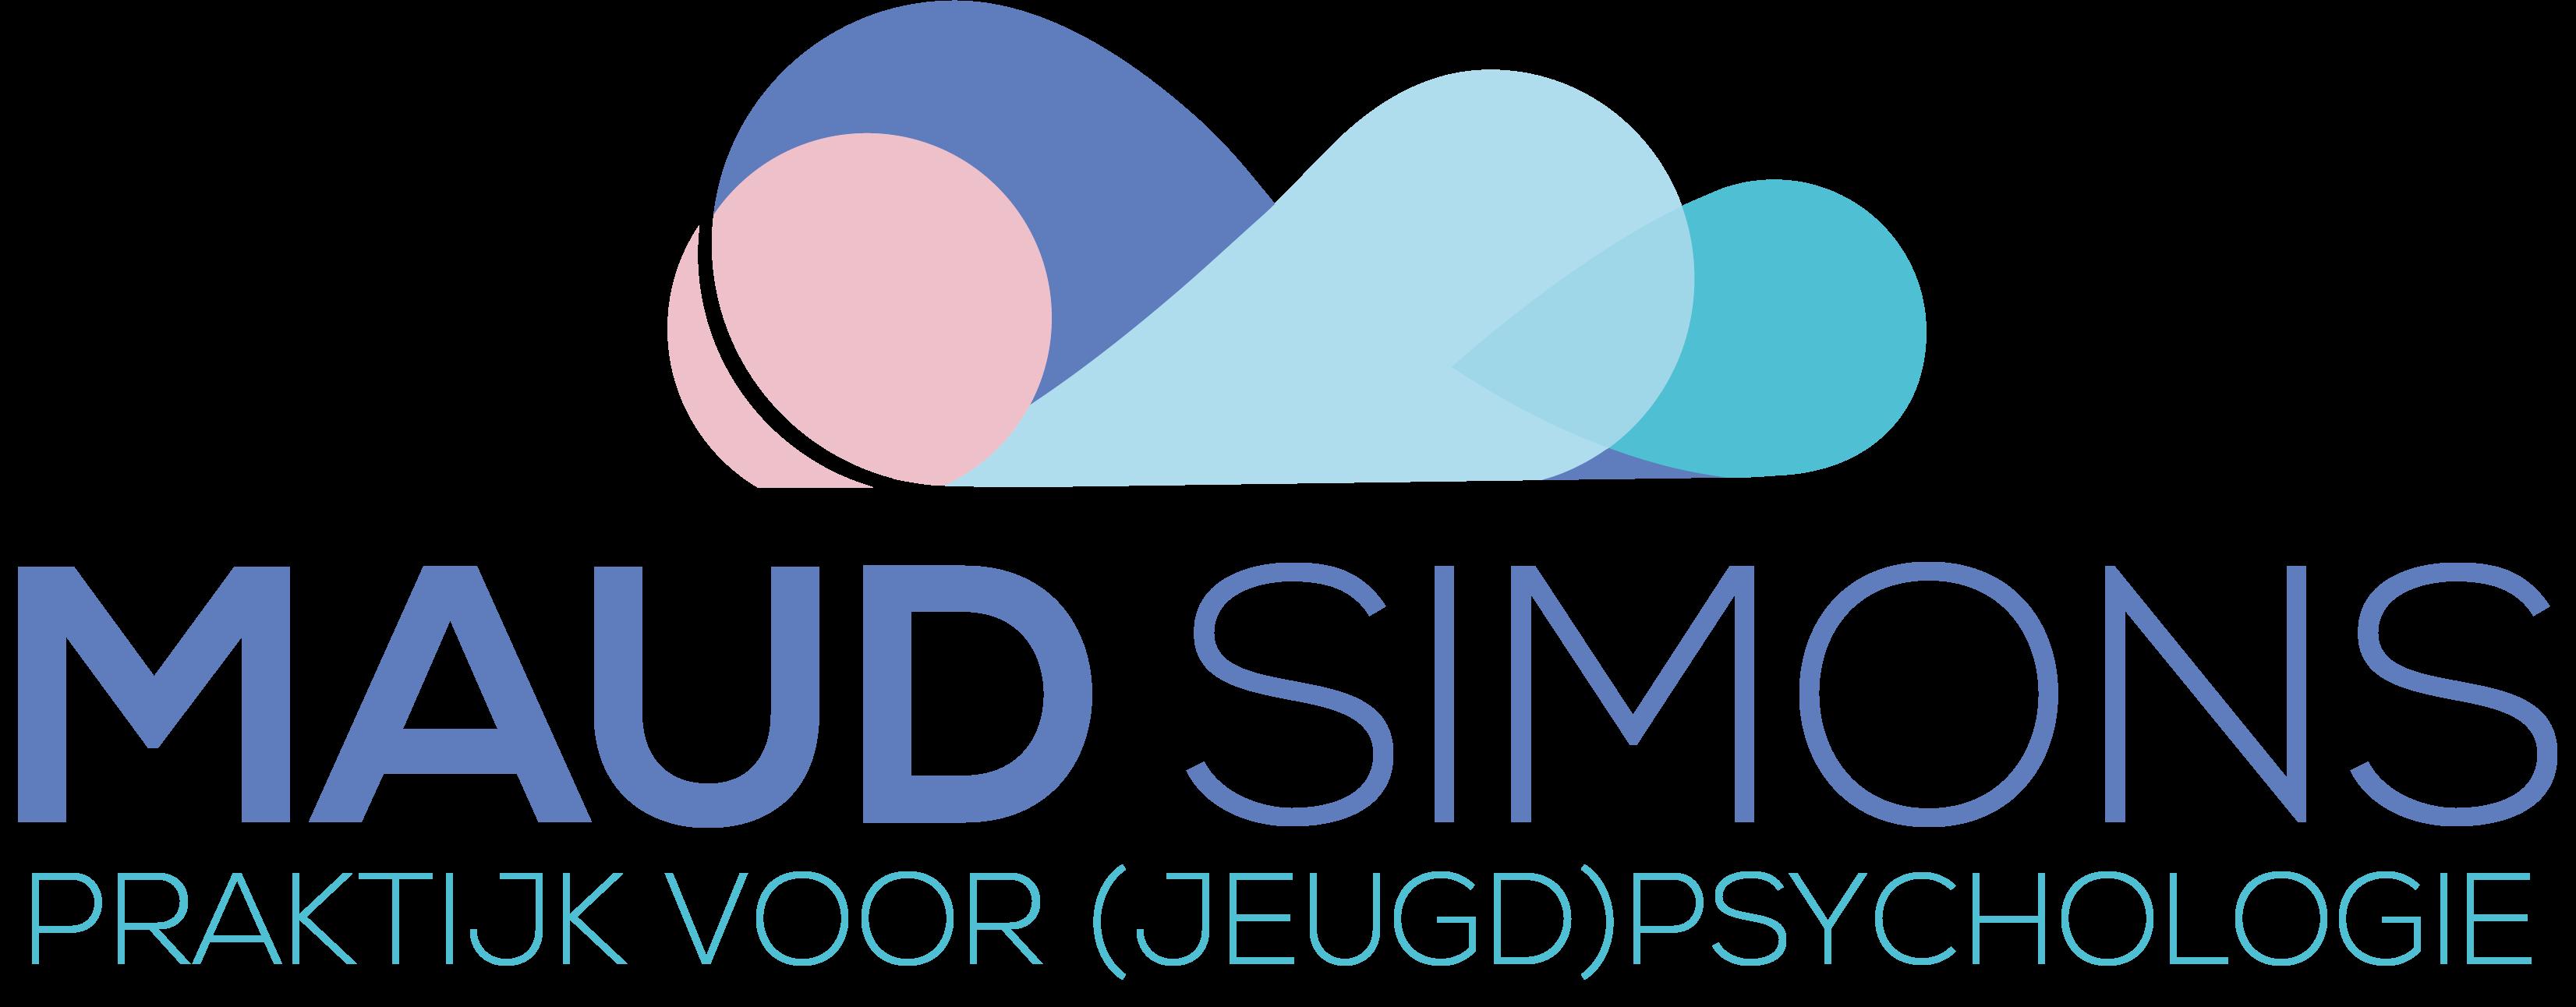 Praktijk Maud Simons